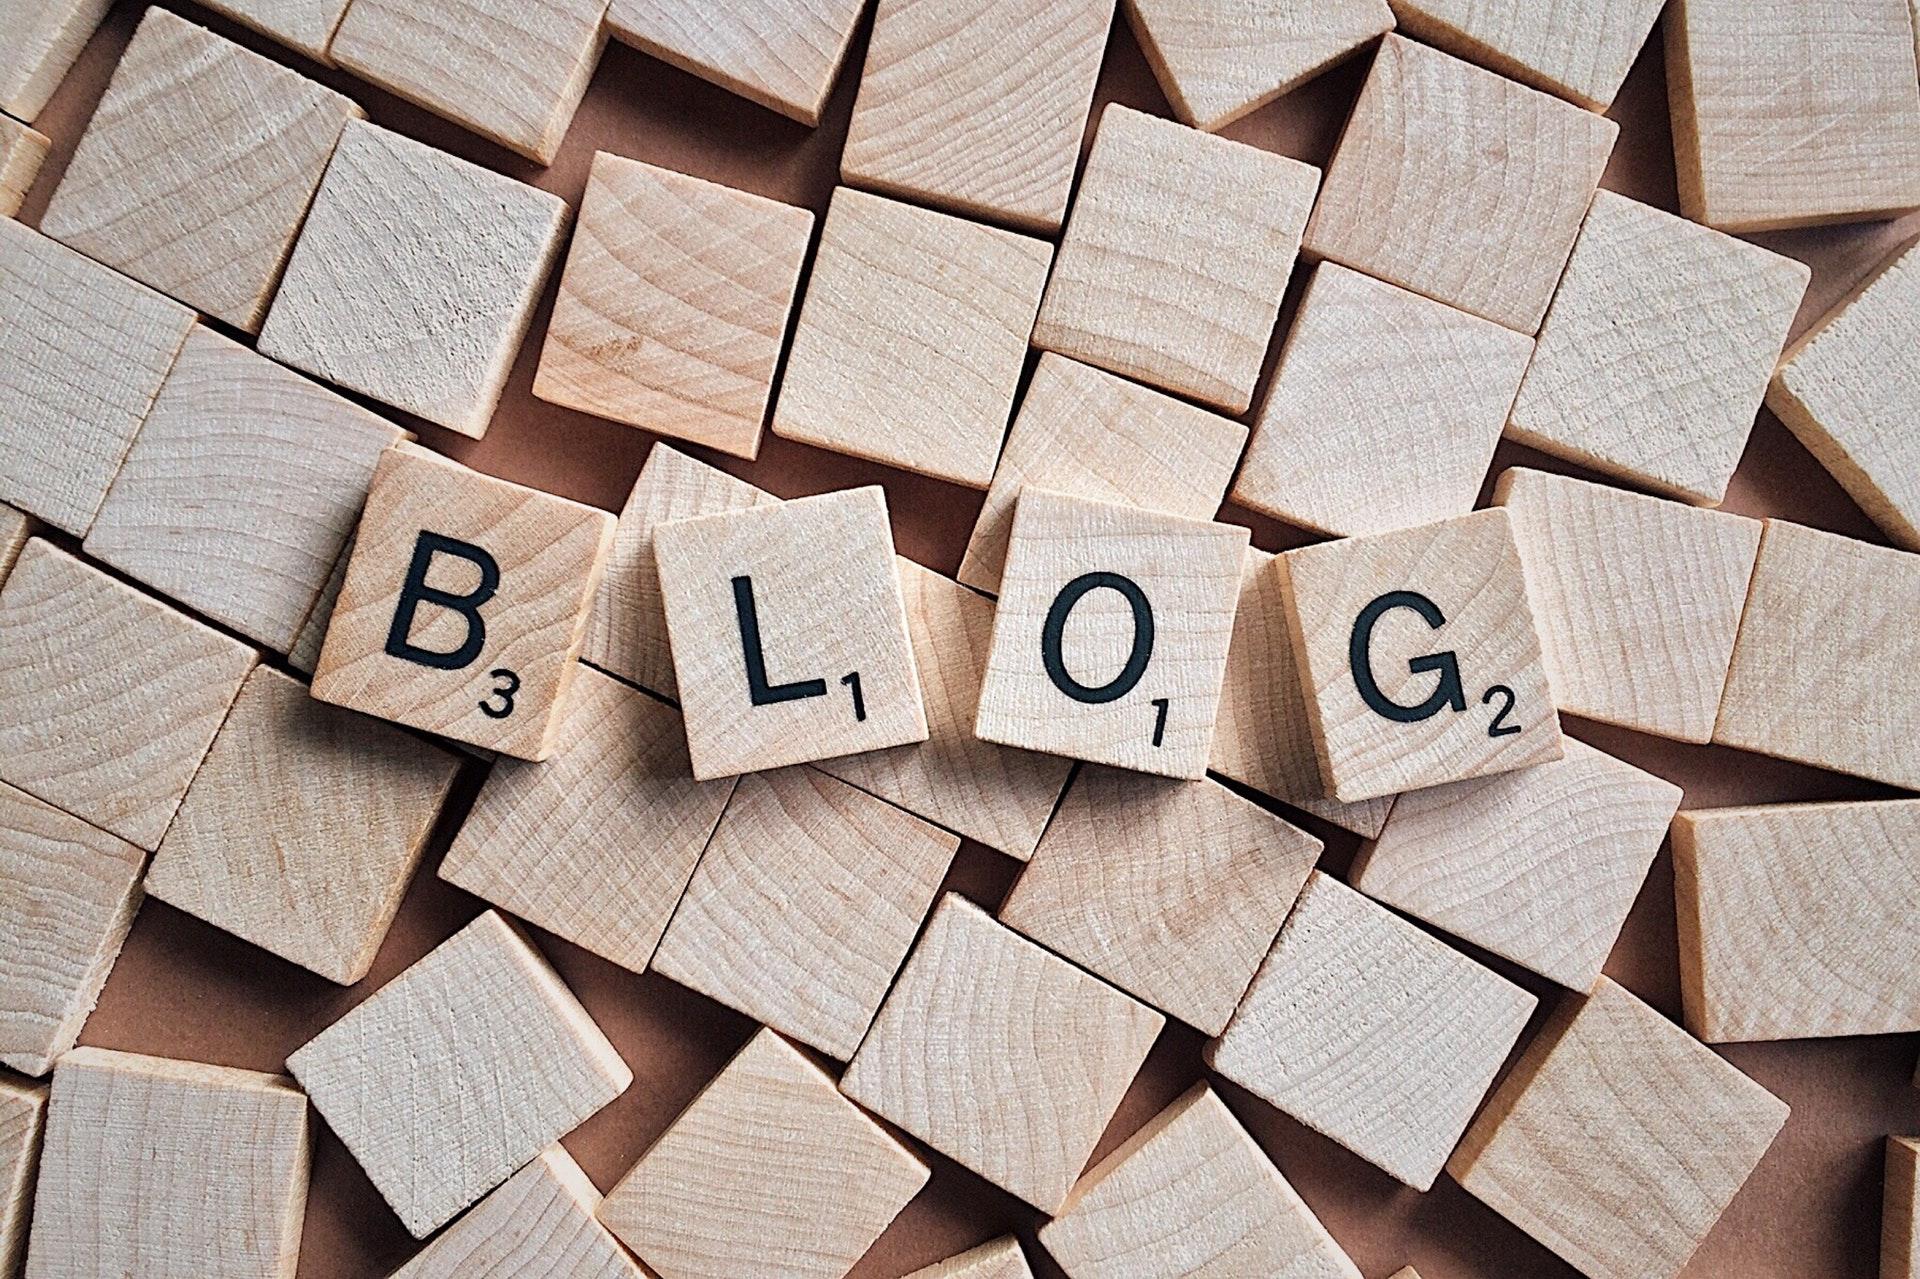 Descoperă avantajele de a avea un blog